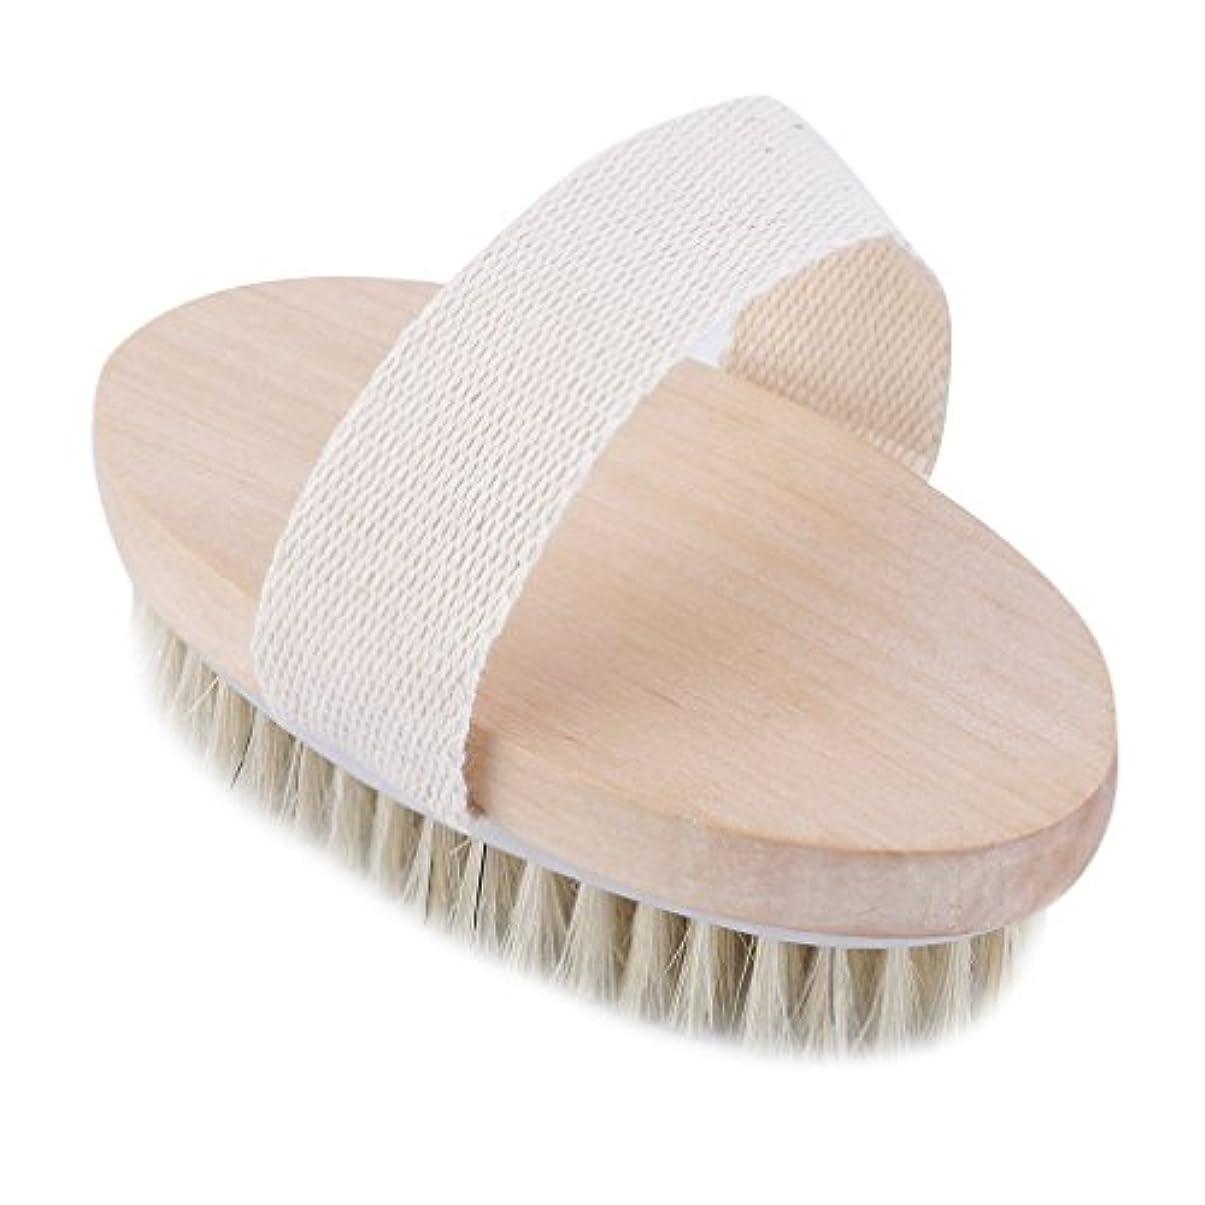 お肉硬化するみがきますuzinby 豚毛 天然素材 木製 短柄 ボディブラシ 足を洗う 角質除去 美肌 バス用品